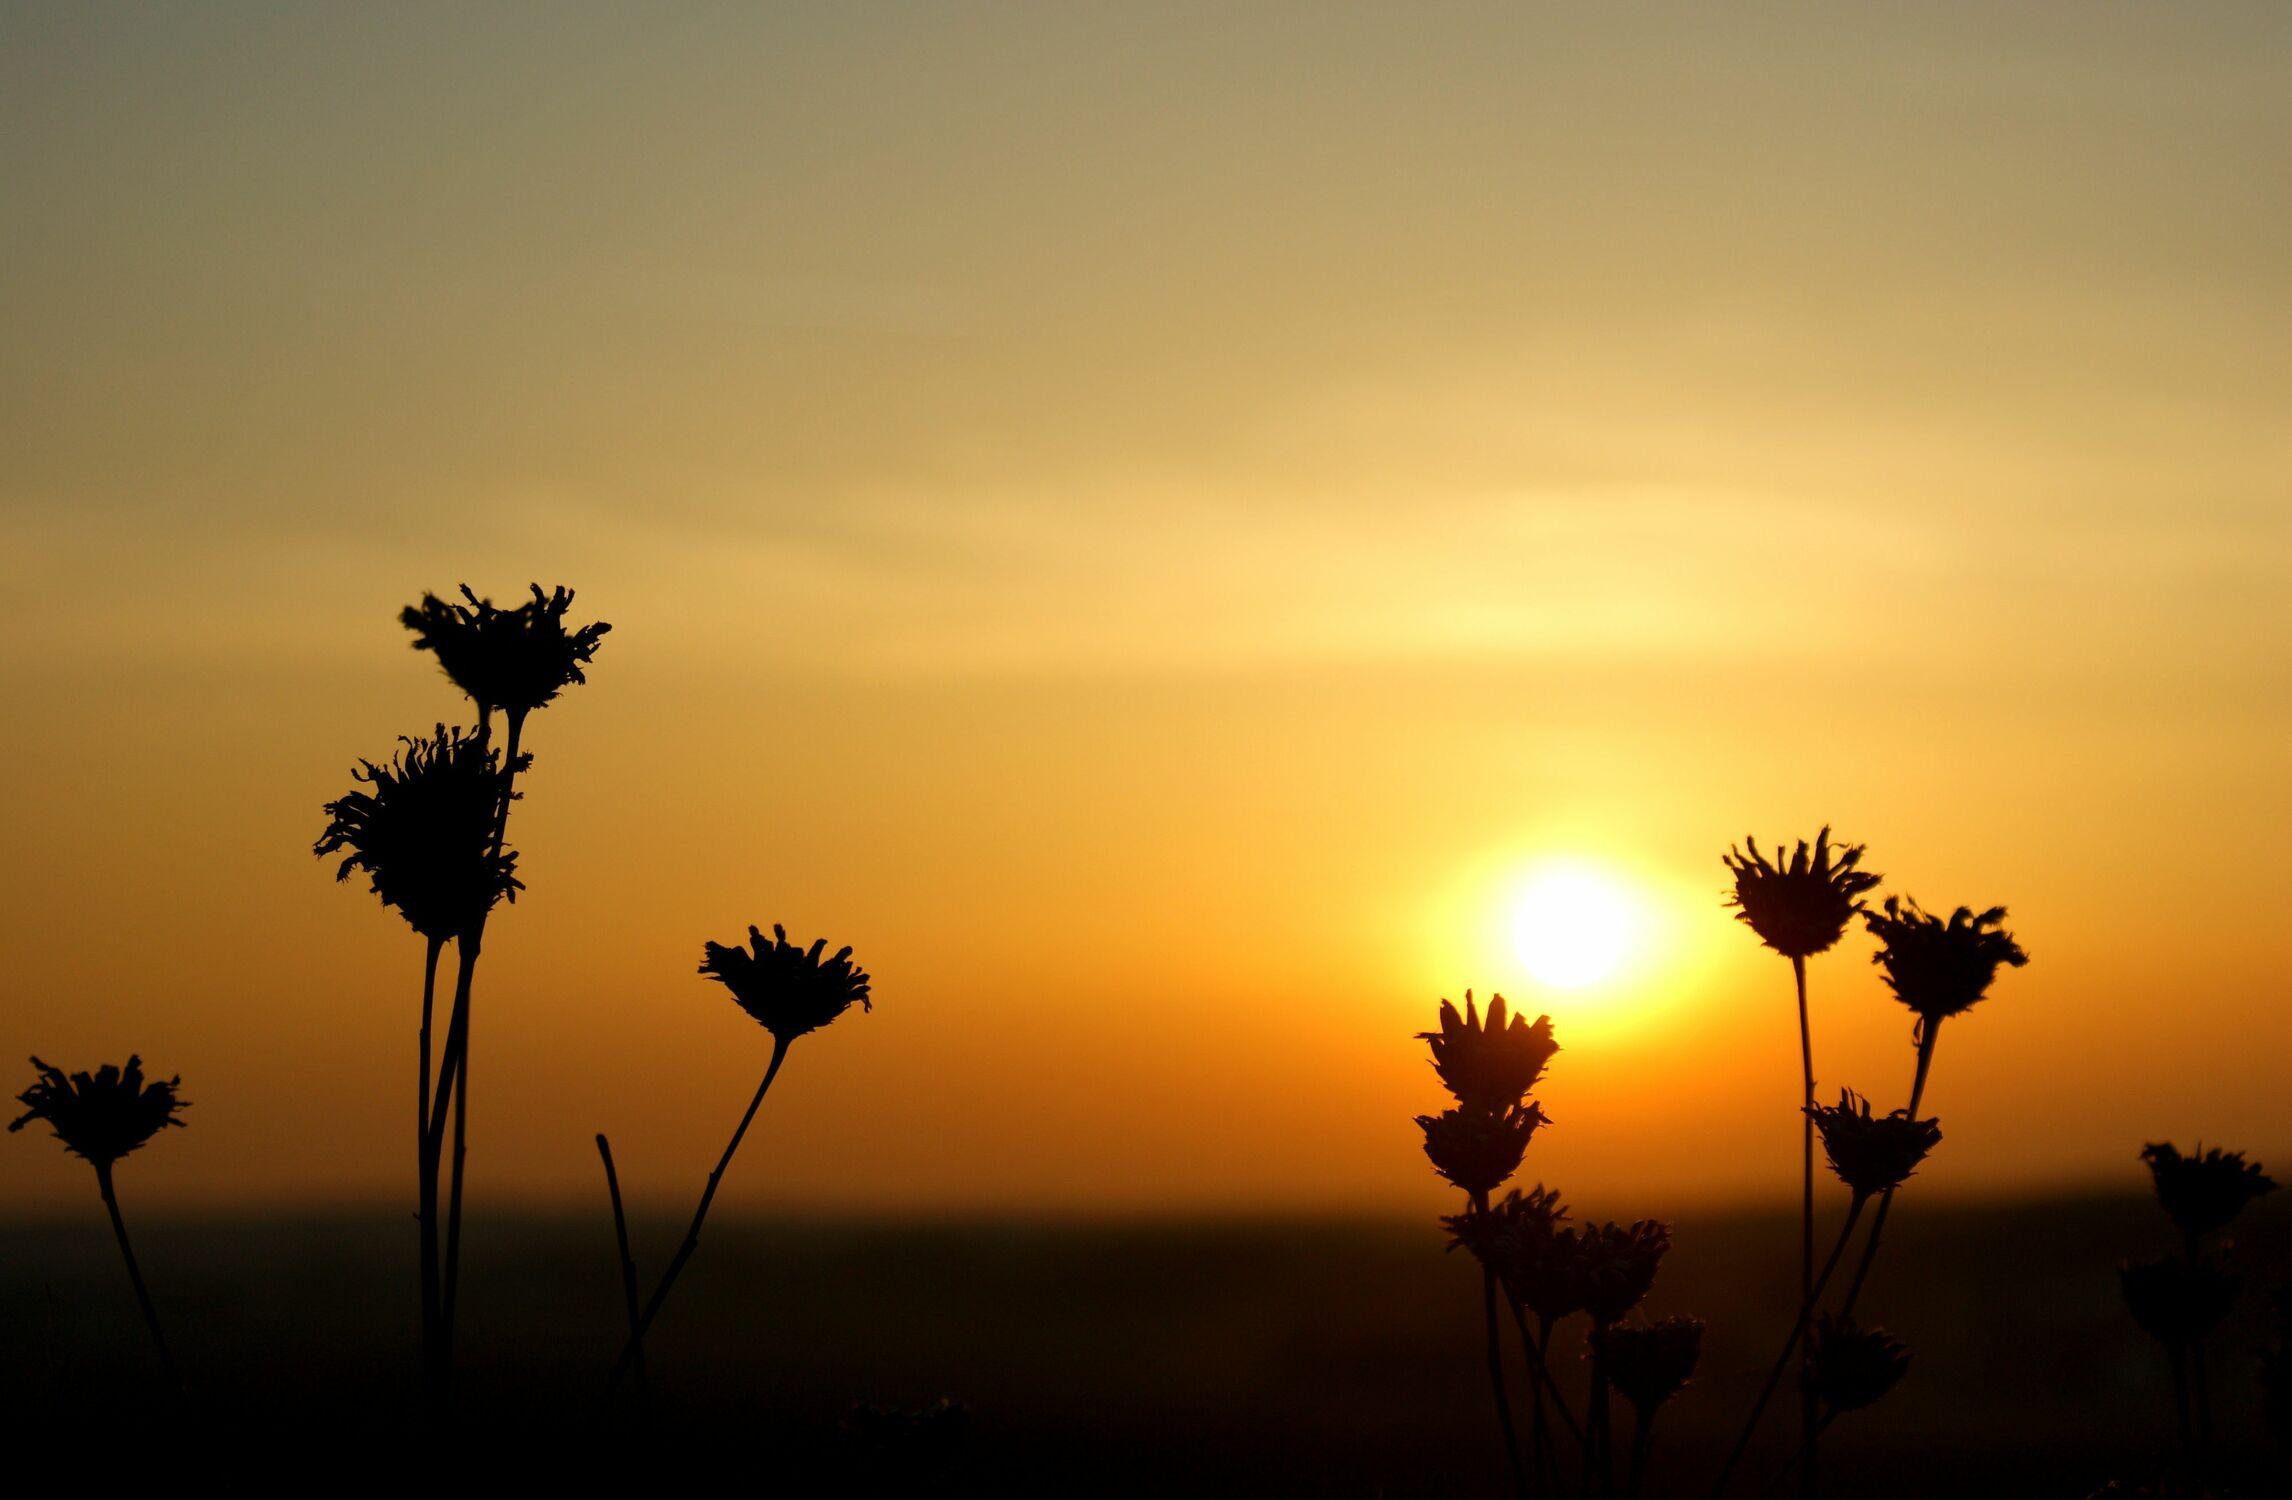 Bild mit Natur, Blumen, Sonnenuntergang, Sonnenaufgang, Blume